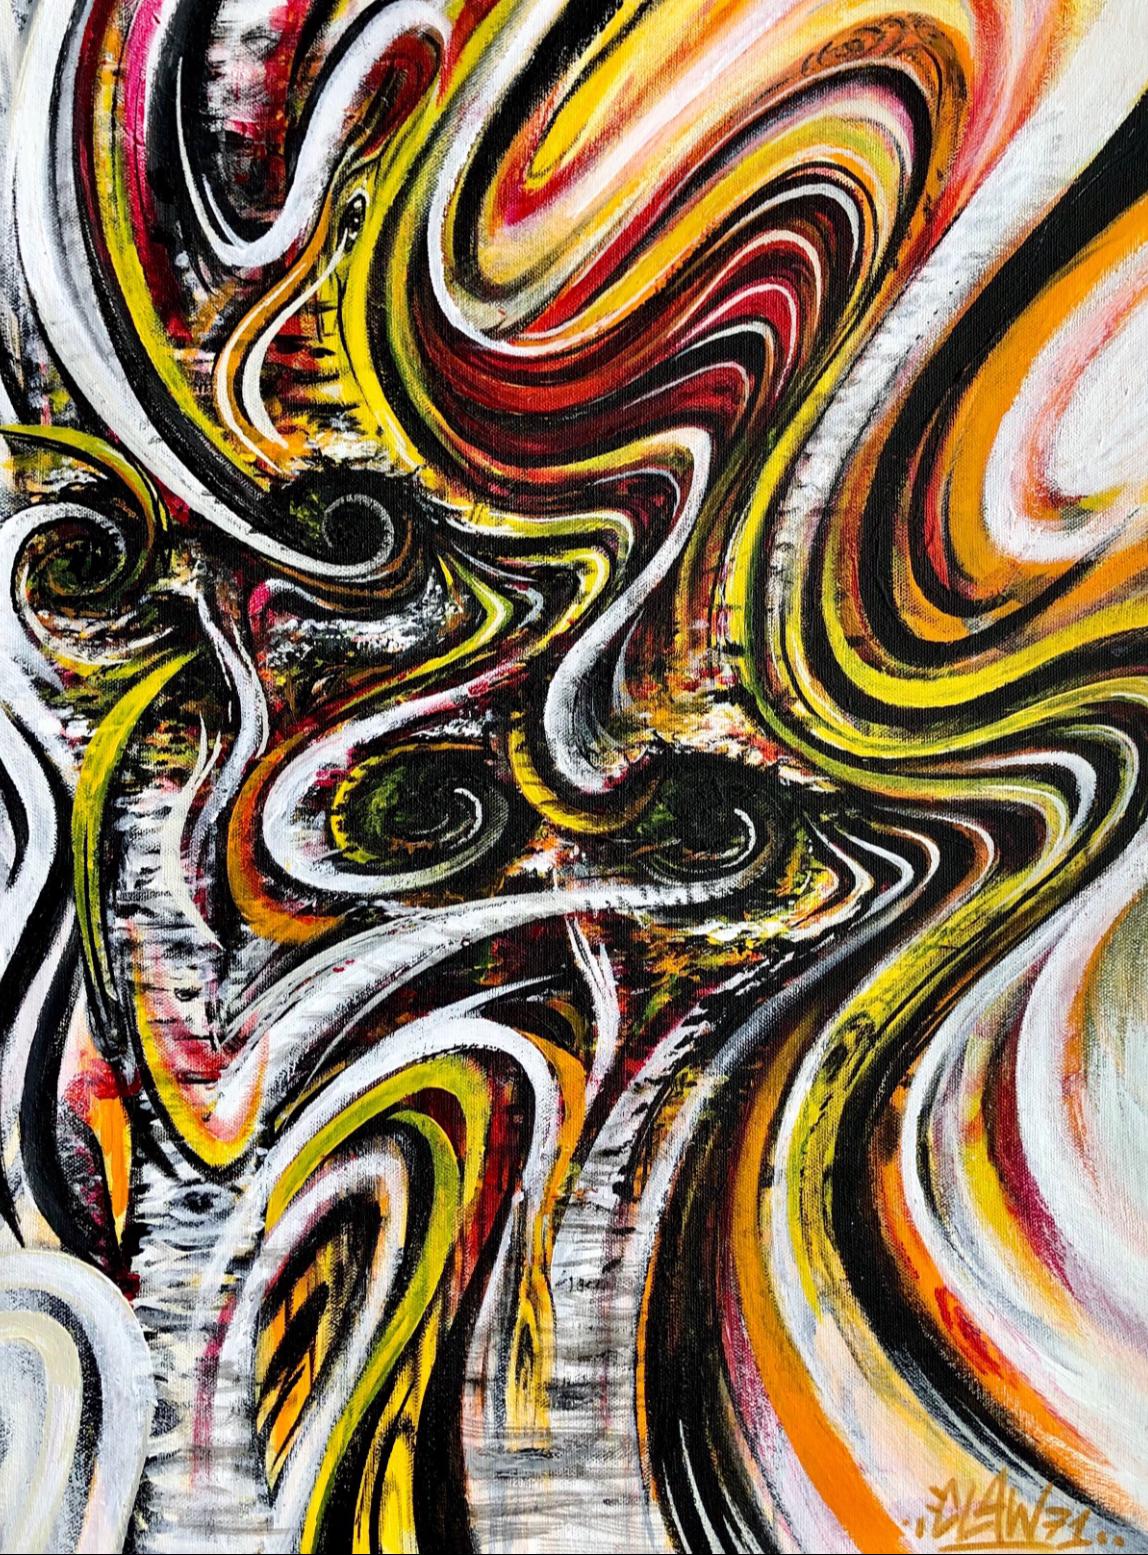 artigall: Colorwash Kunstwerk Detailansicht